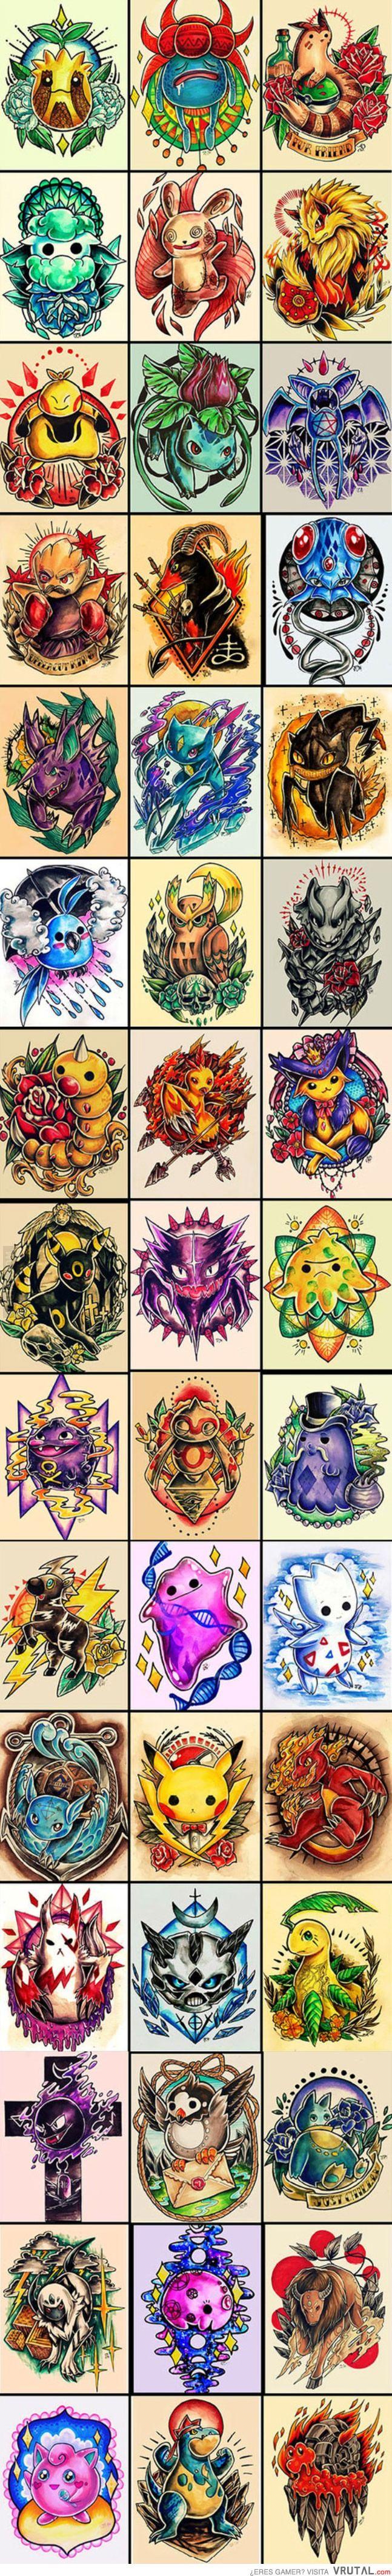 Diseños de tatuajes al más puro estilo Pokémon, ¿te harías uno?